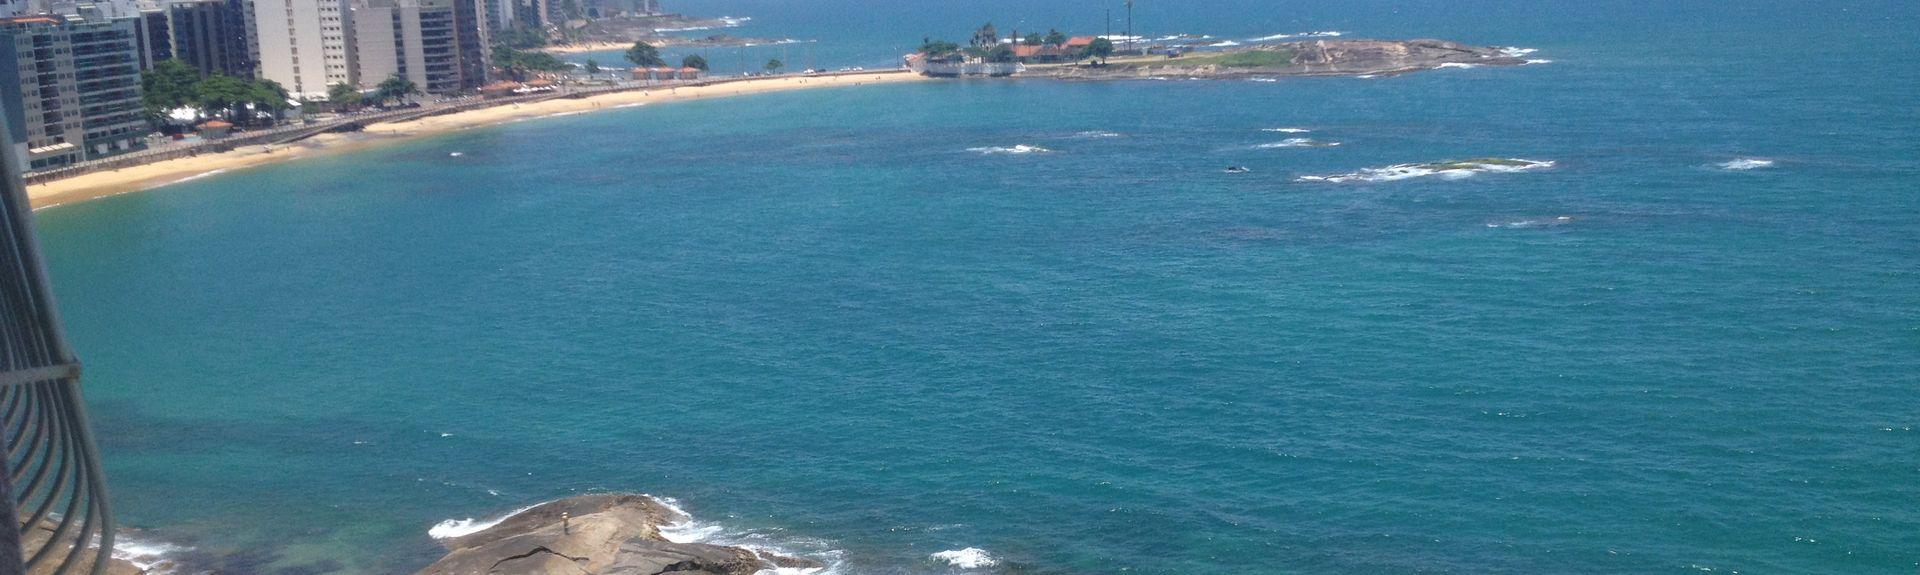 Adventistas Beach, Guarapari, Bundesstaat Espírito Santo, Brasilien